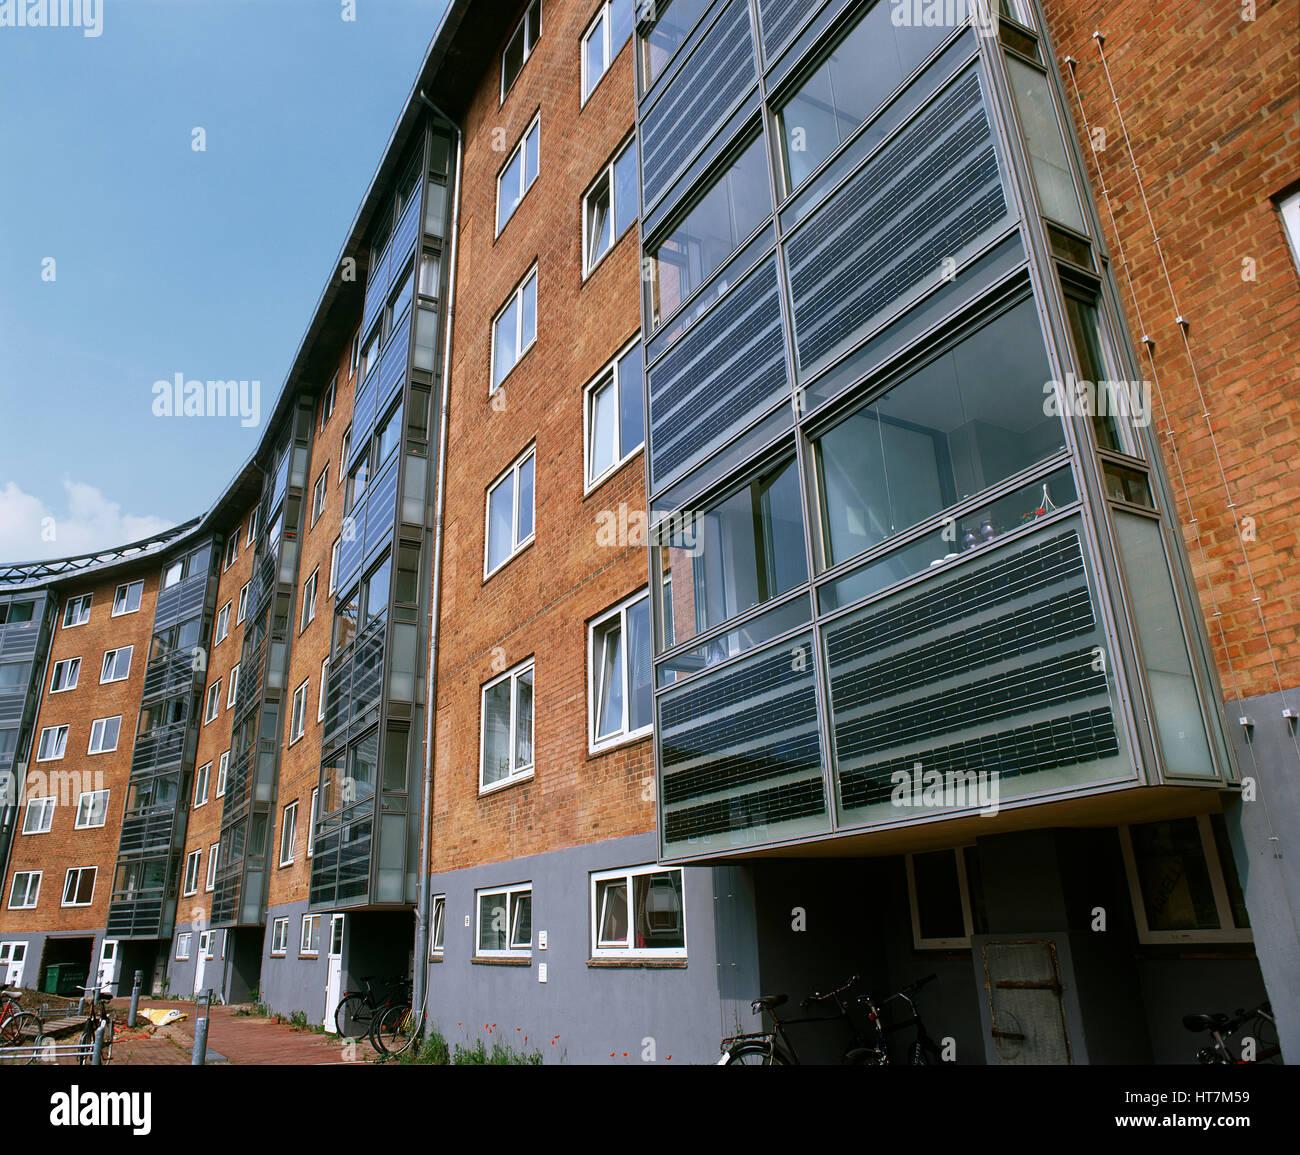 Ristrutturato appartamenti alloggiamento solgarden for Foto di appartamenti ristrutturati